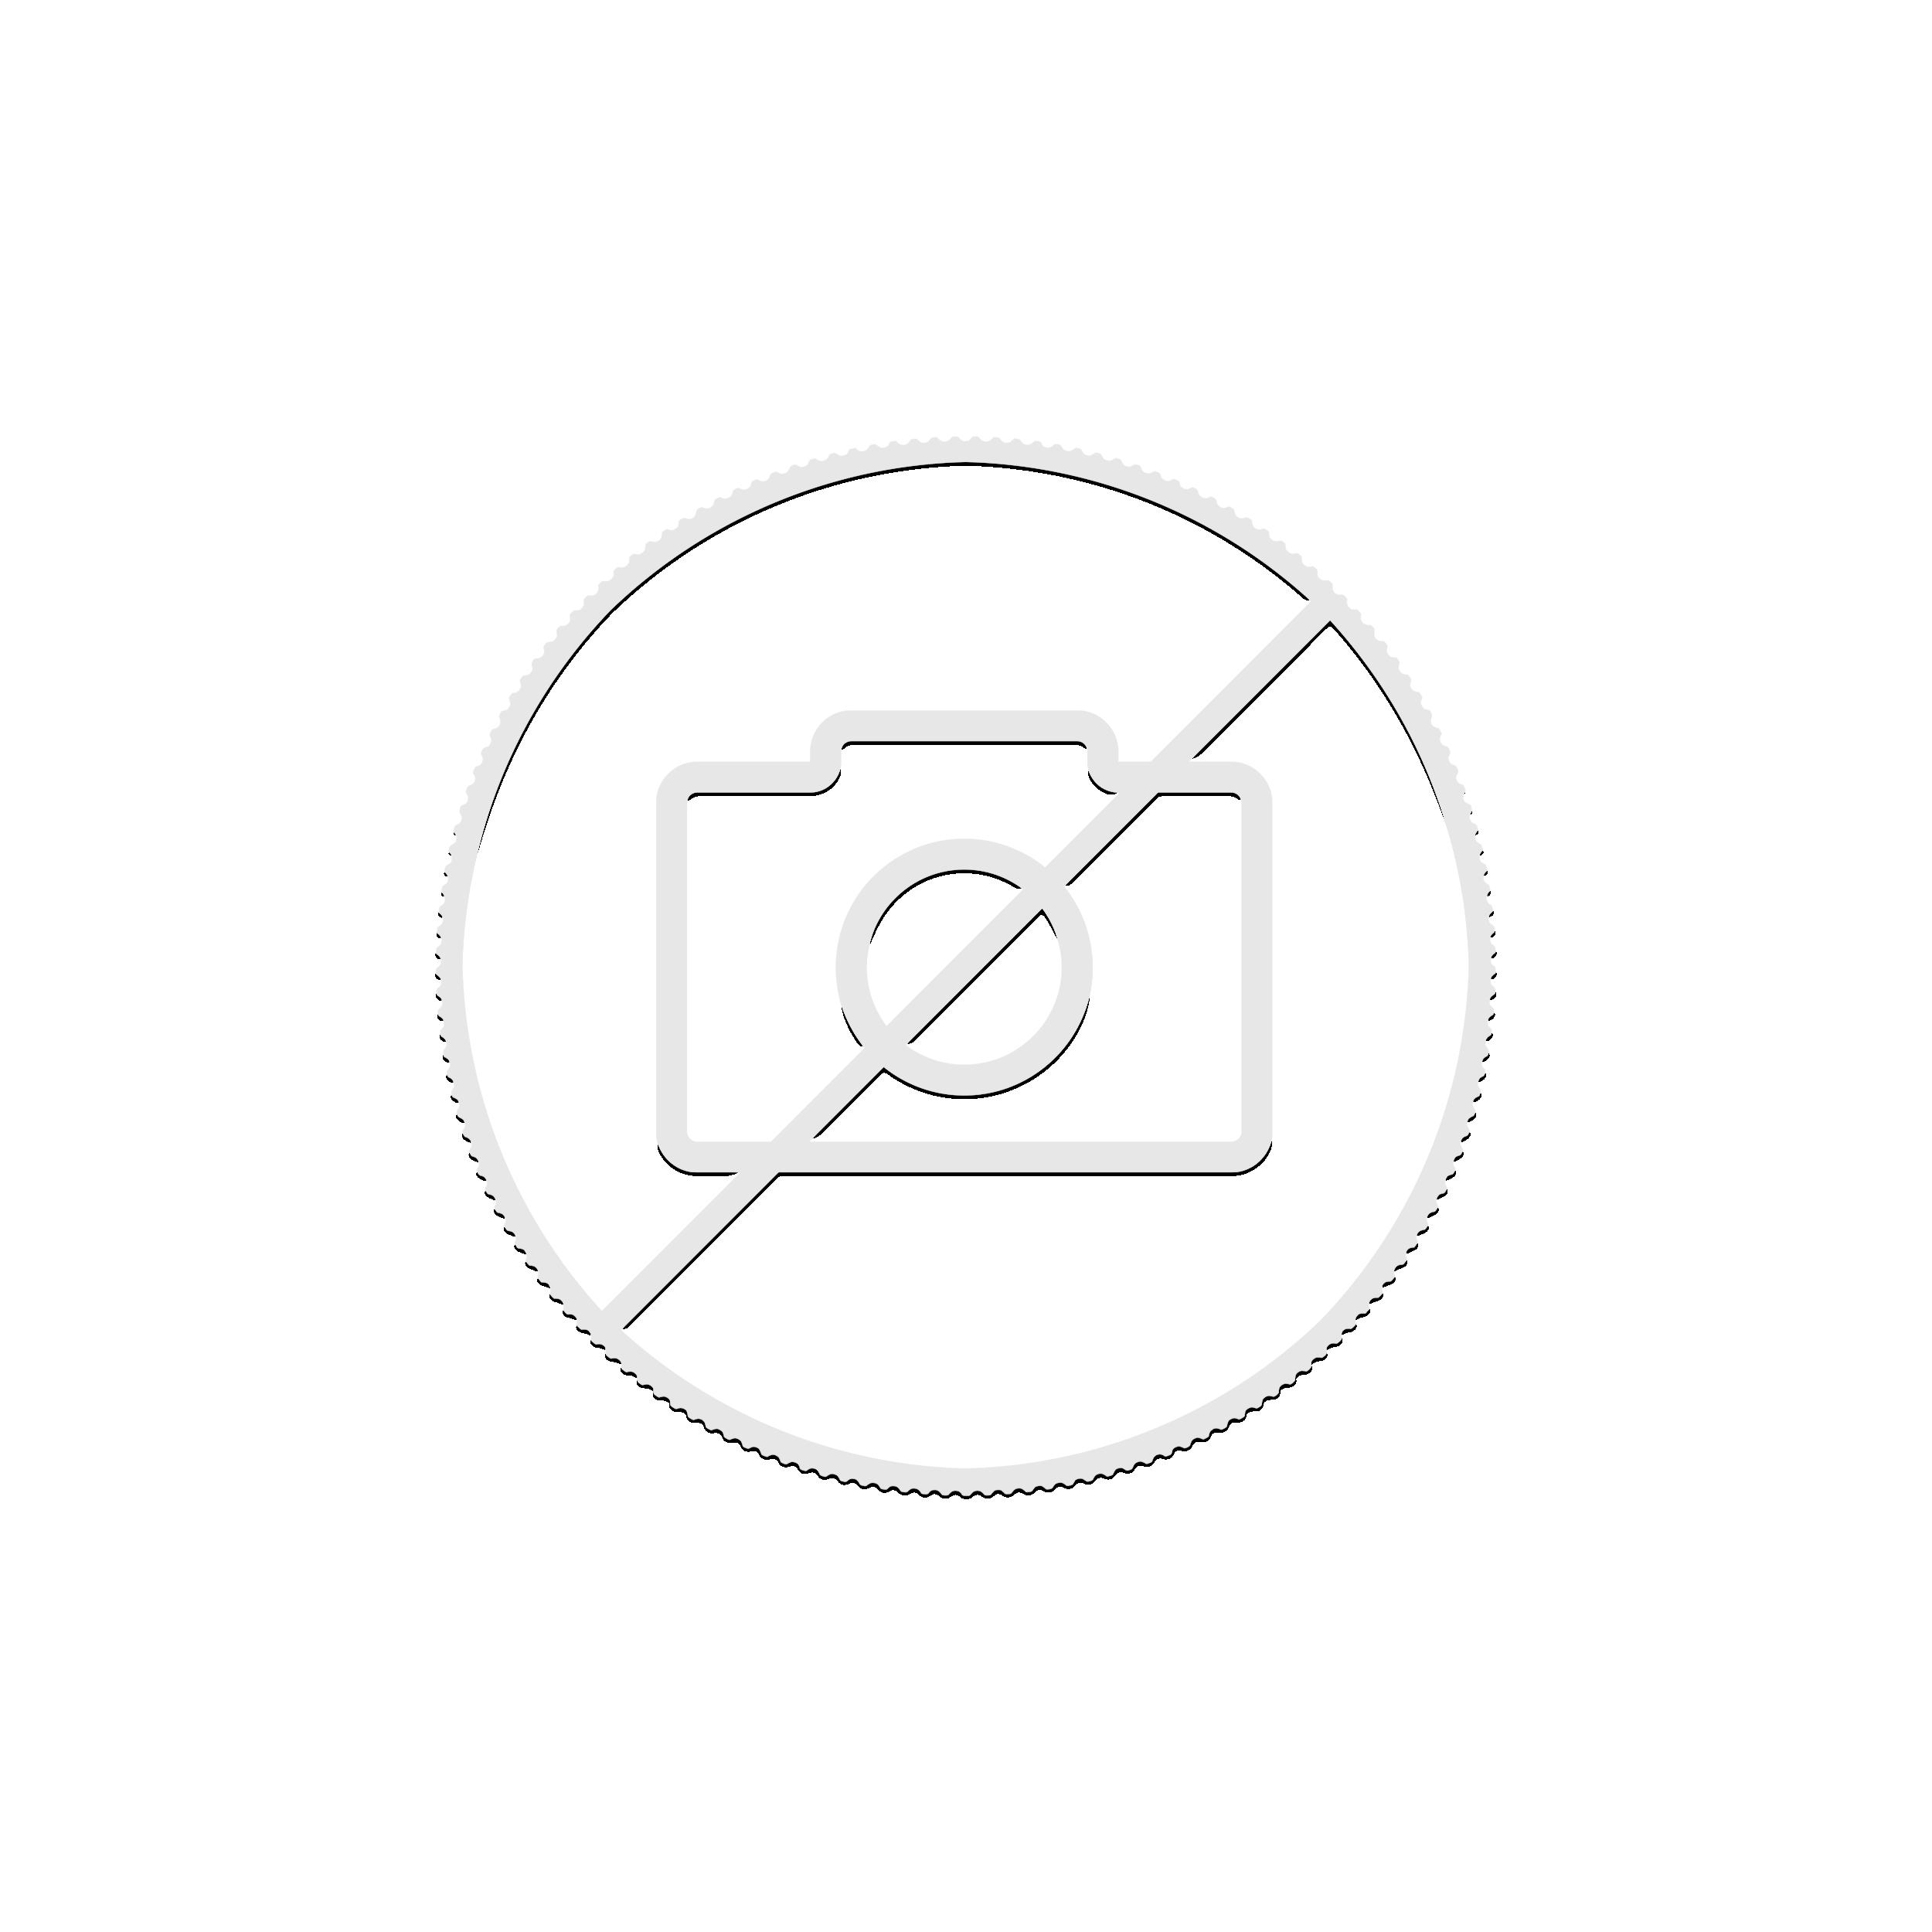 2 troy ounce zilveren munt zelfportret Vincent van Gogh